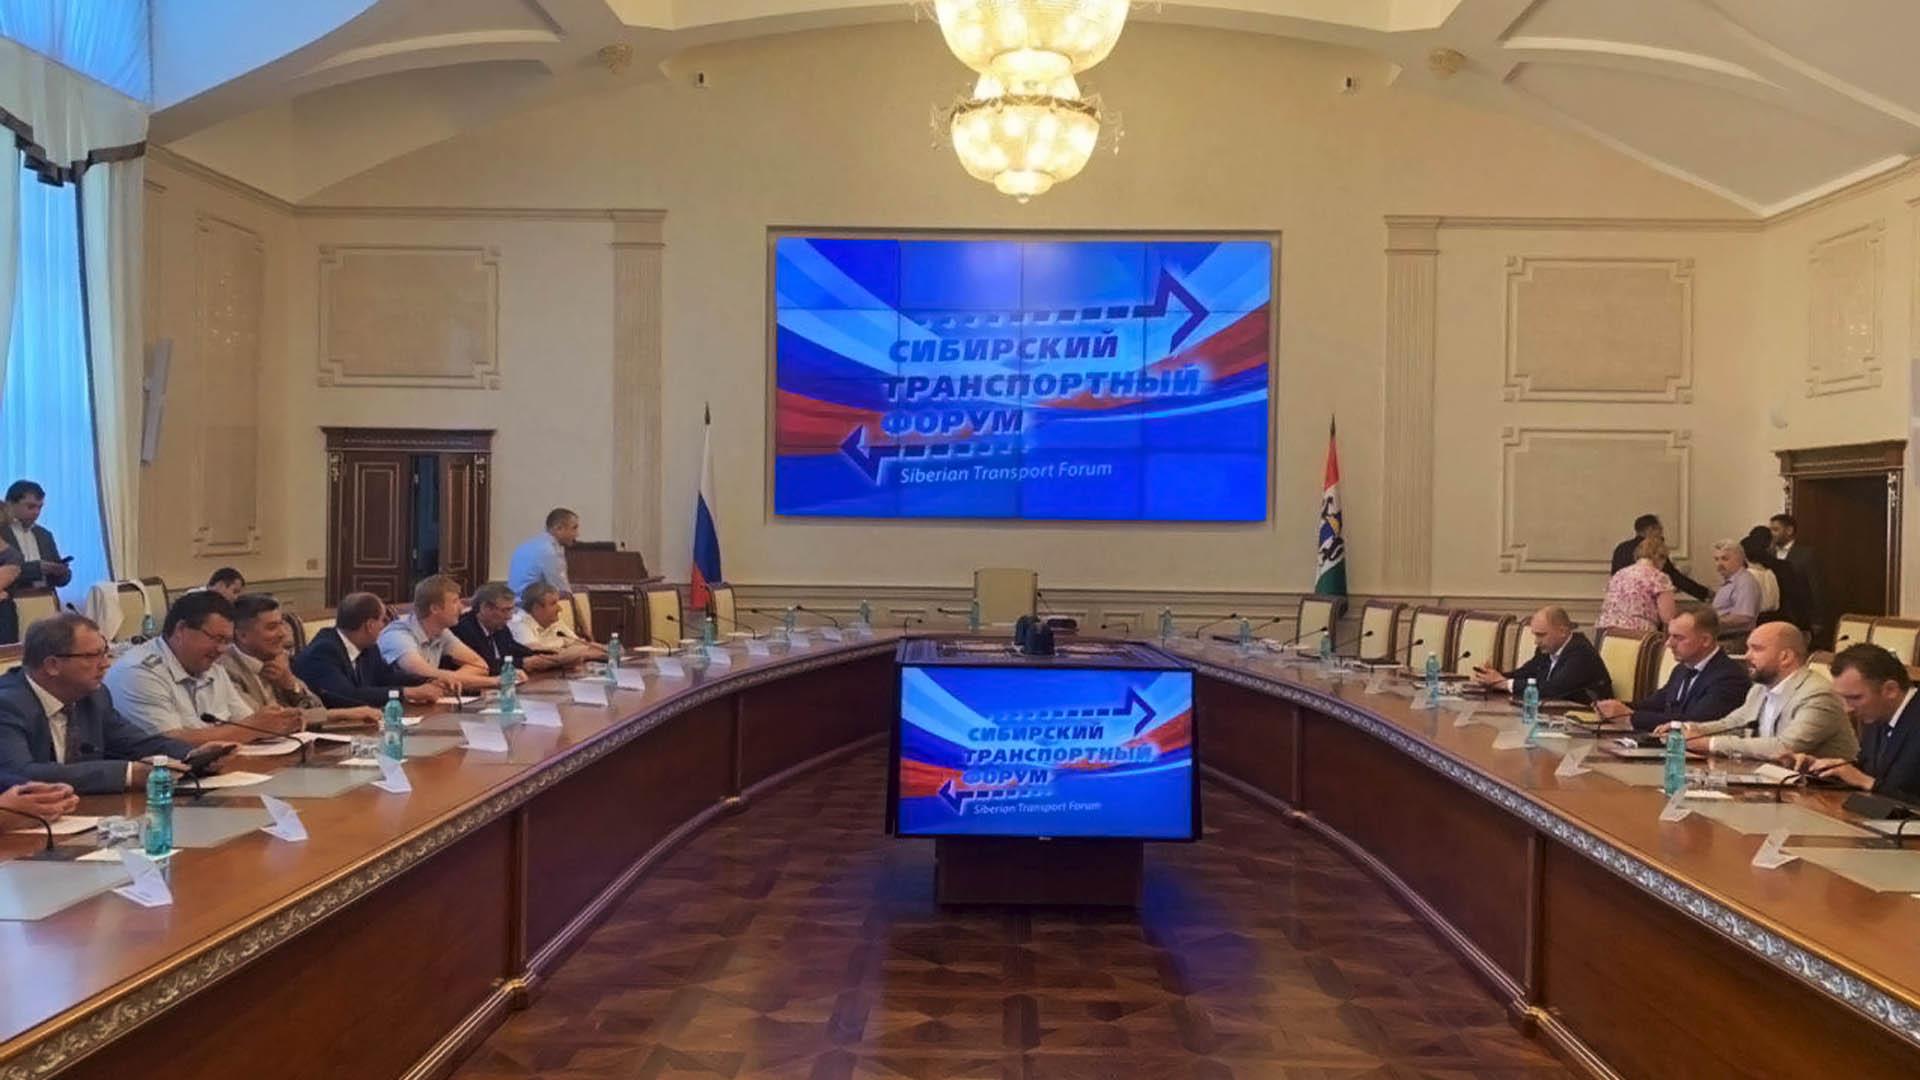 В Новосибирске подвели итоги Сибирского транспортного форума